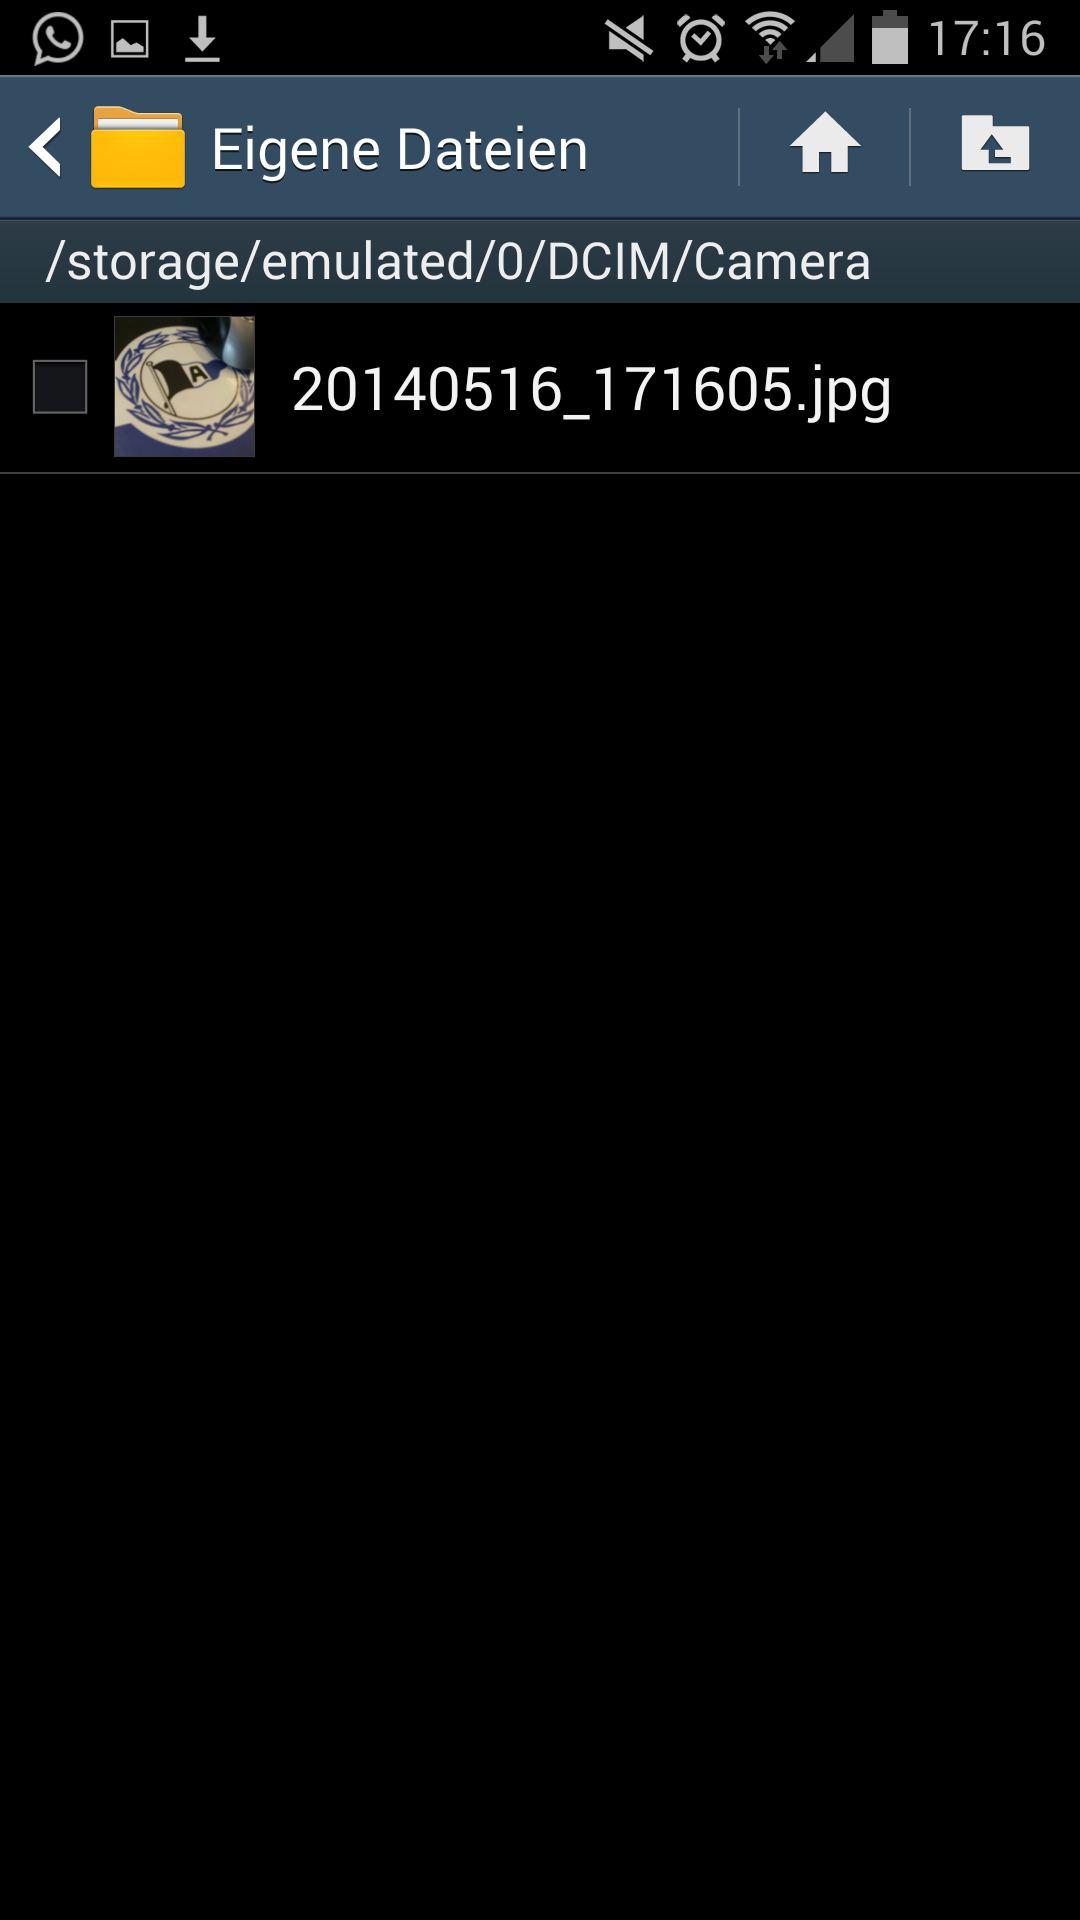 bilder auf sd karte verschieben s4 Bilder auf SD Karte verschieben oder speichern: So geht's bei Android